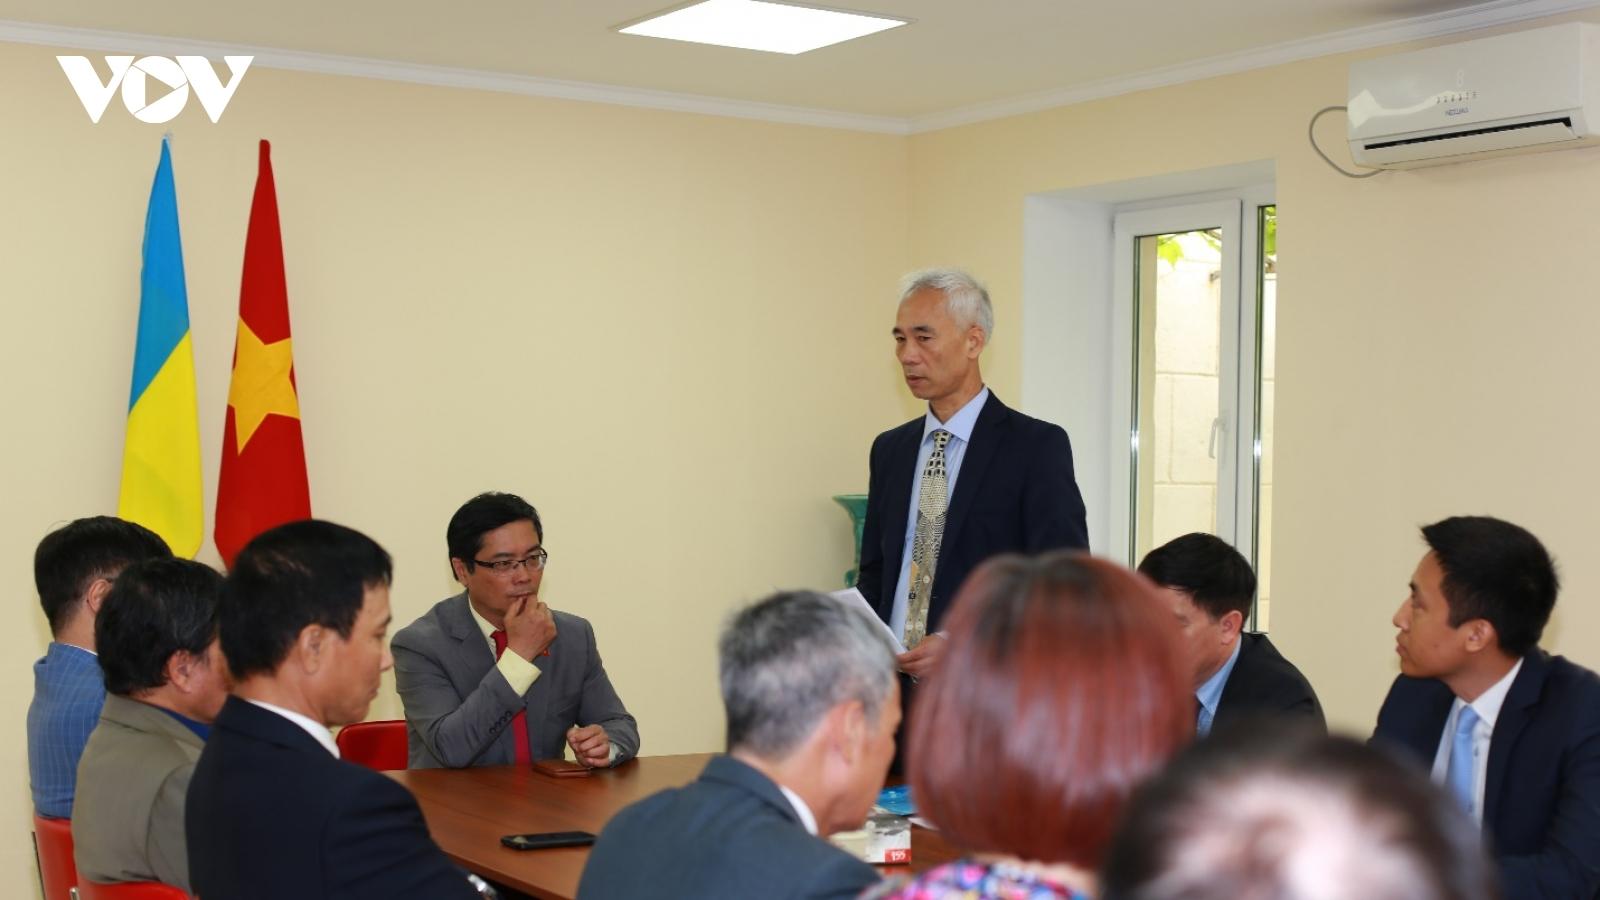 Ưu tiên việc dạy tiếng Việt cho con em cộng đồng người Việttại Odessa-Ukraine